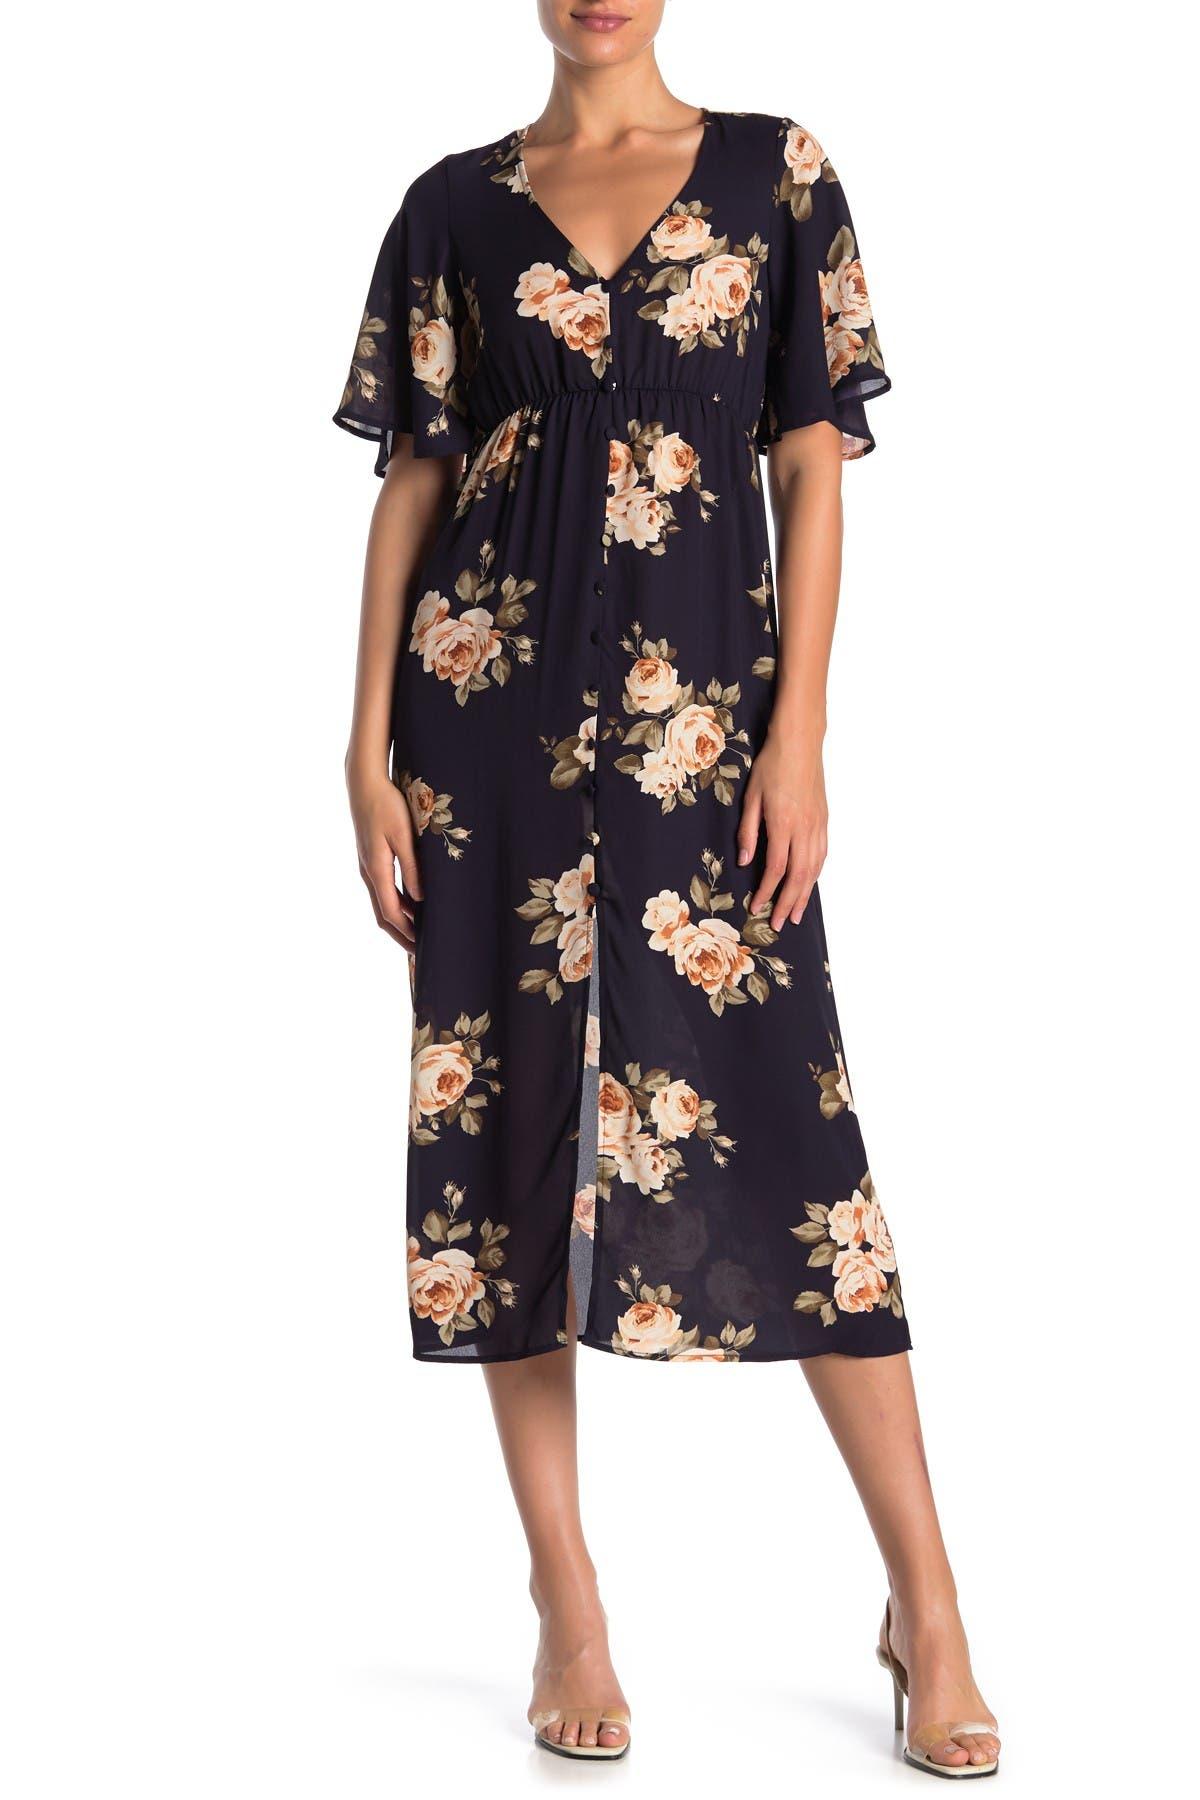 Image of KENEDIK Angel Sleeve Floral Print Dress